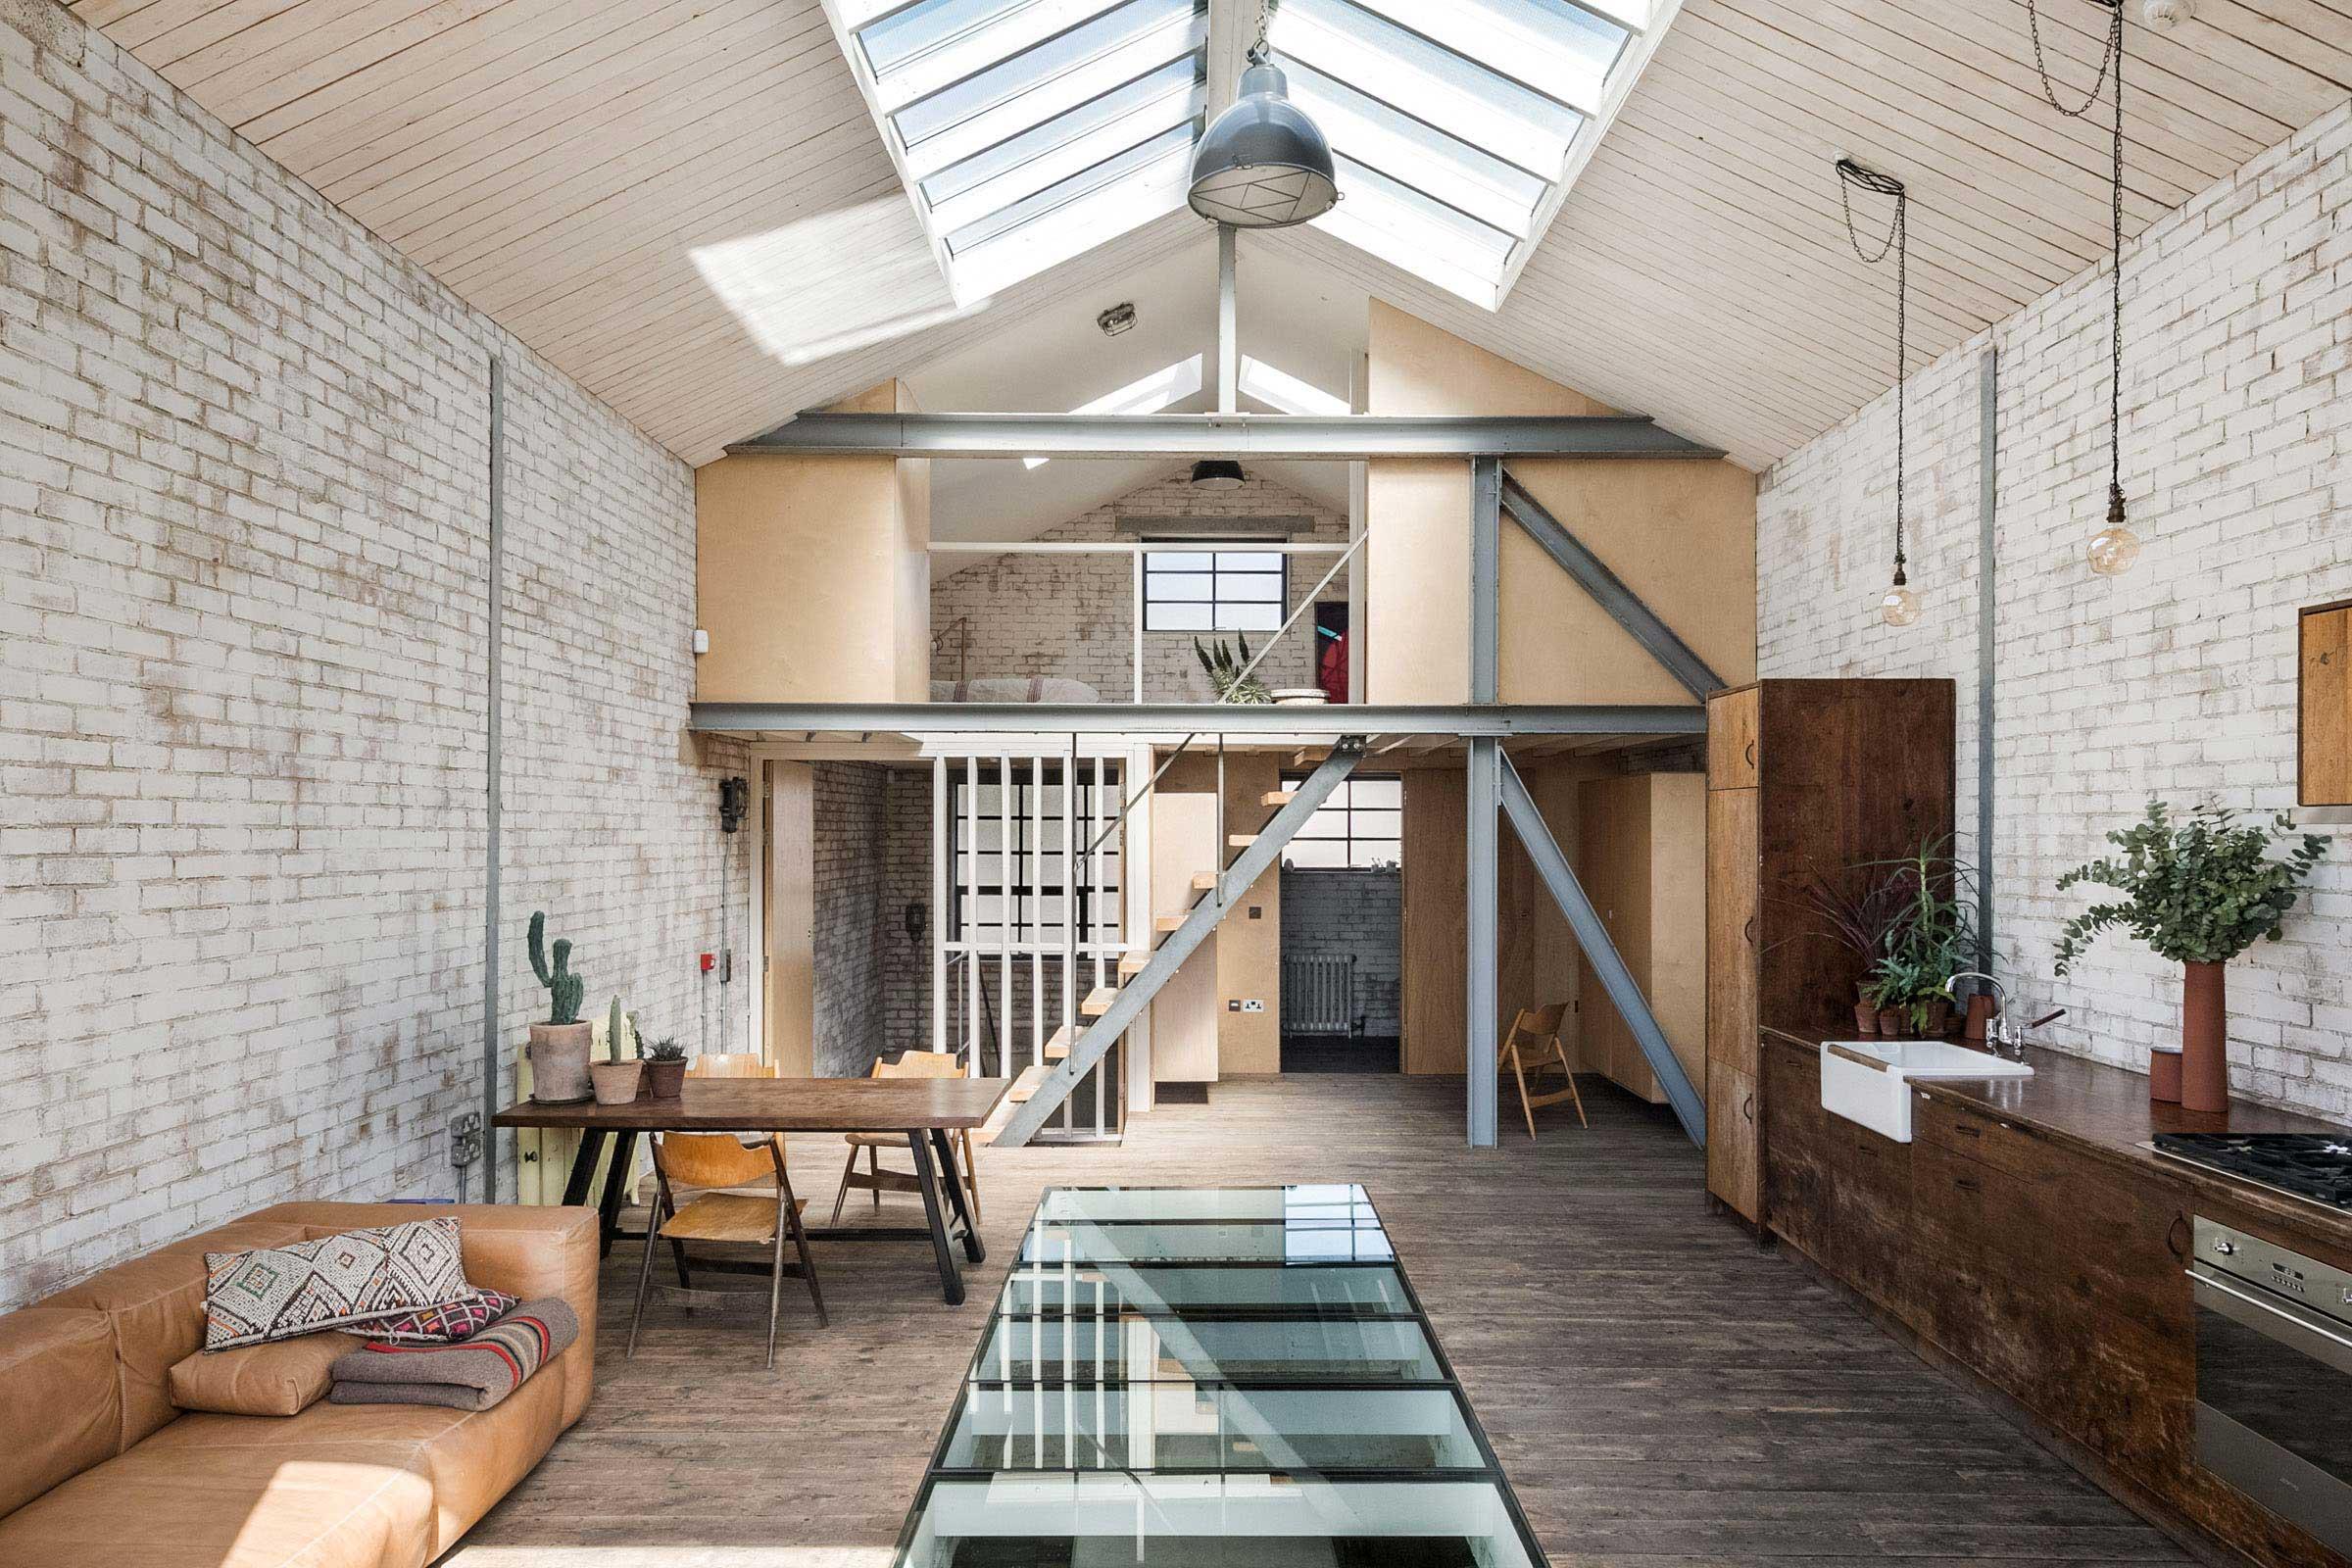 Loft industriel avec murs en briques blanches